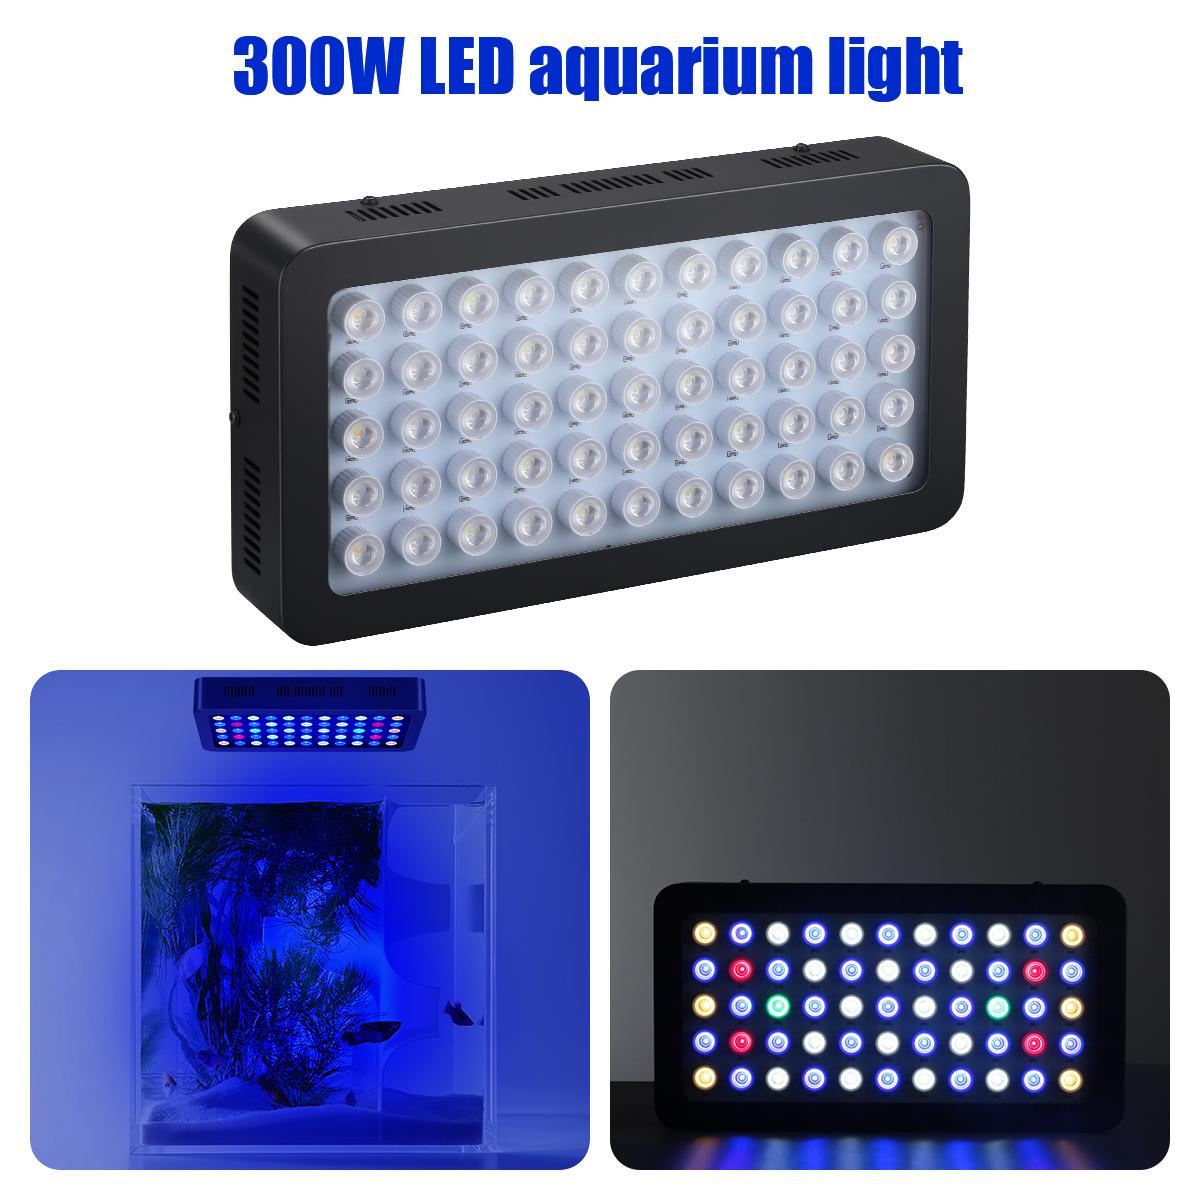 Excelvan 300W LED Aquarium Light Full Spectrum Submersible Marine Lamp W/Dimmers